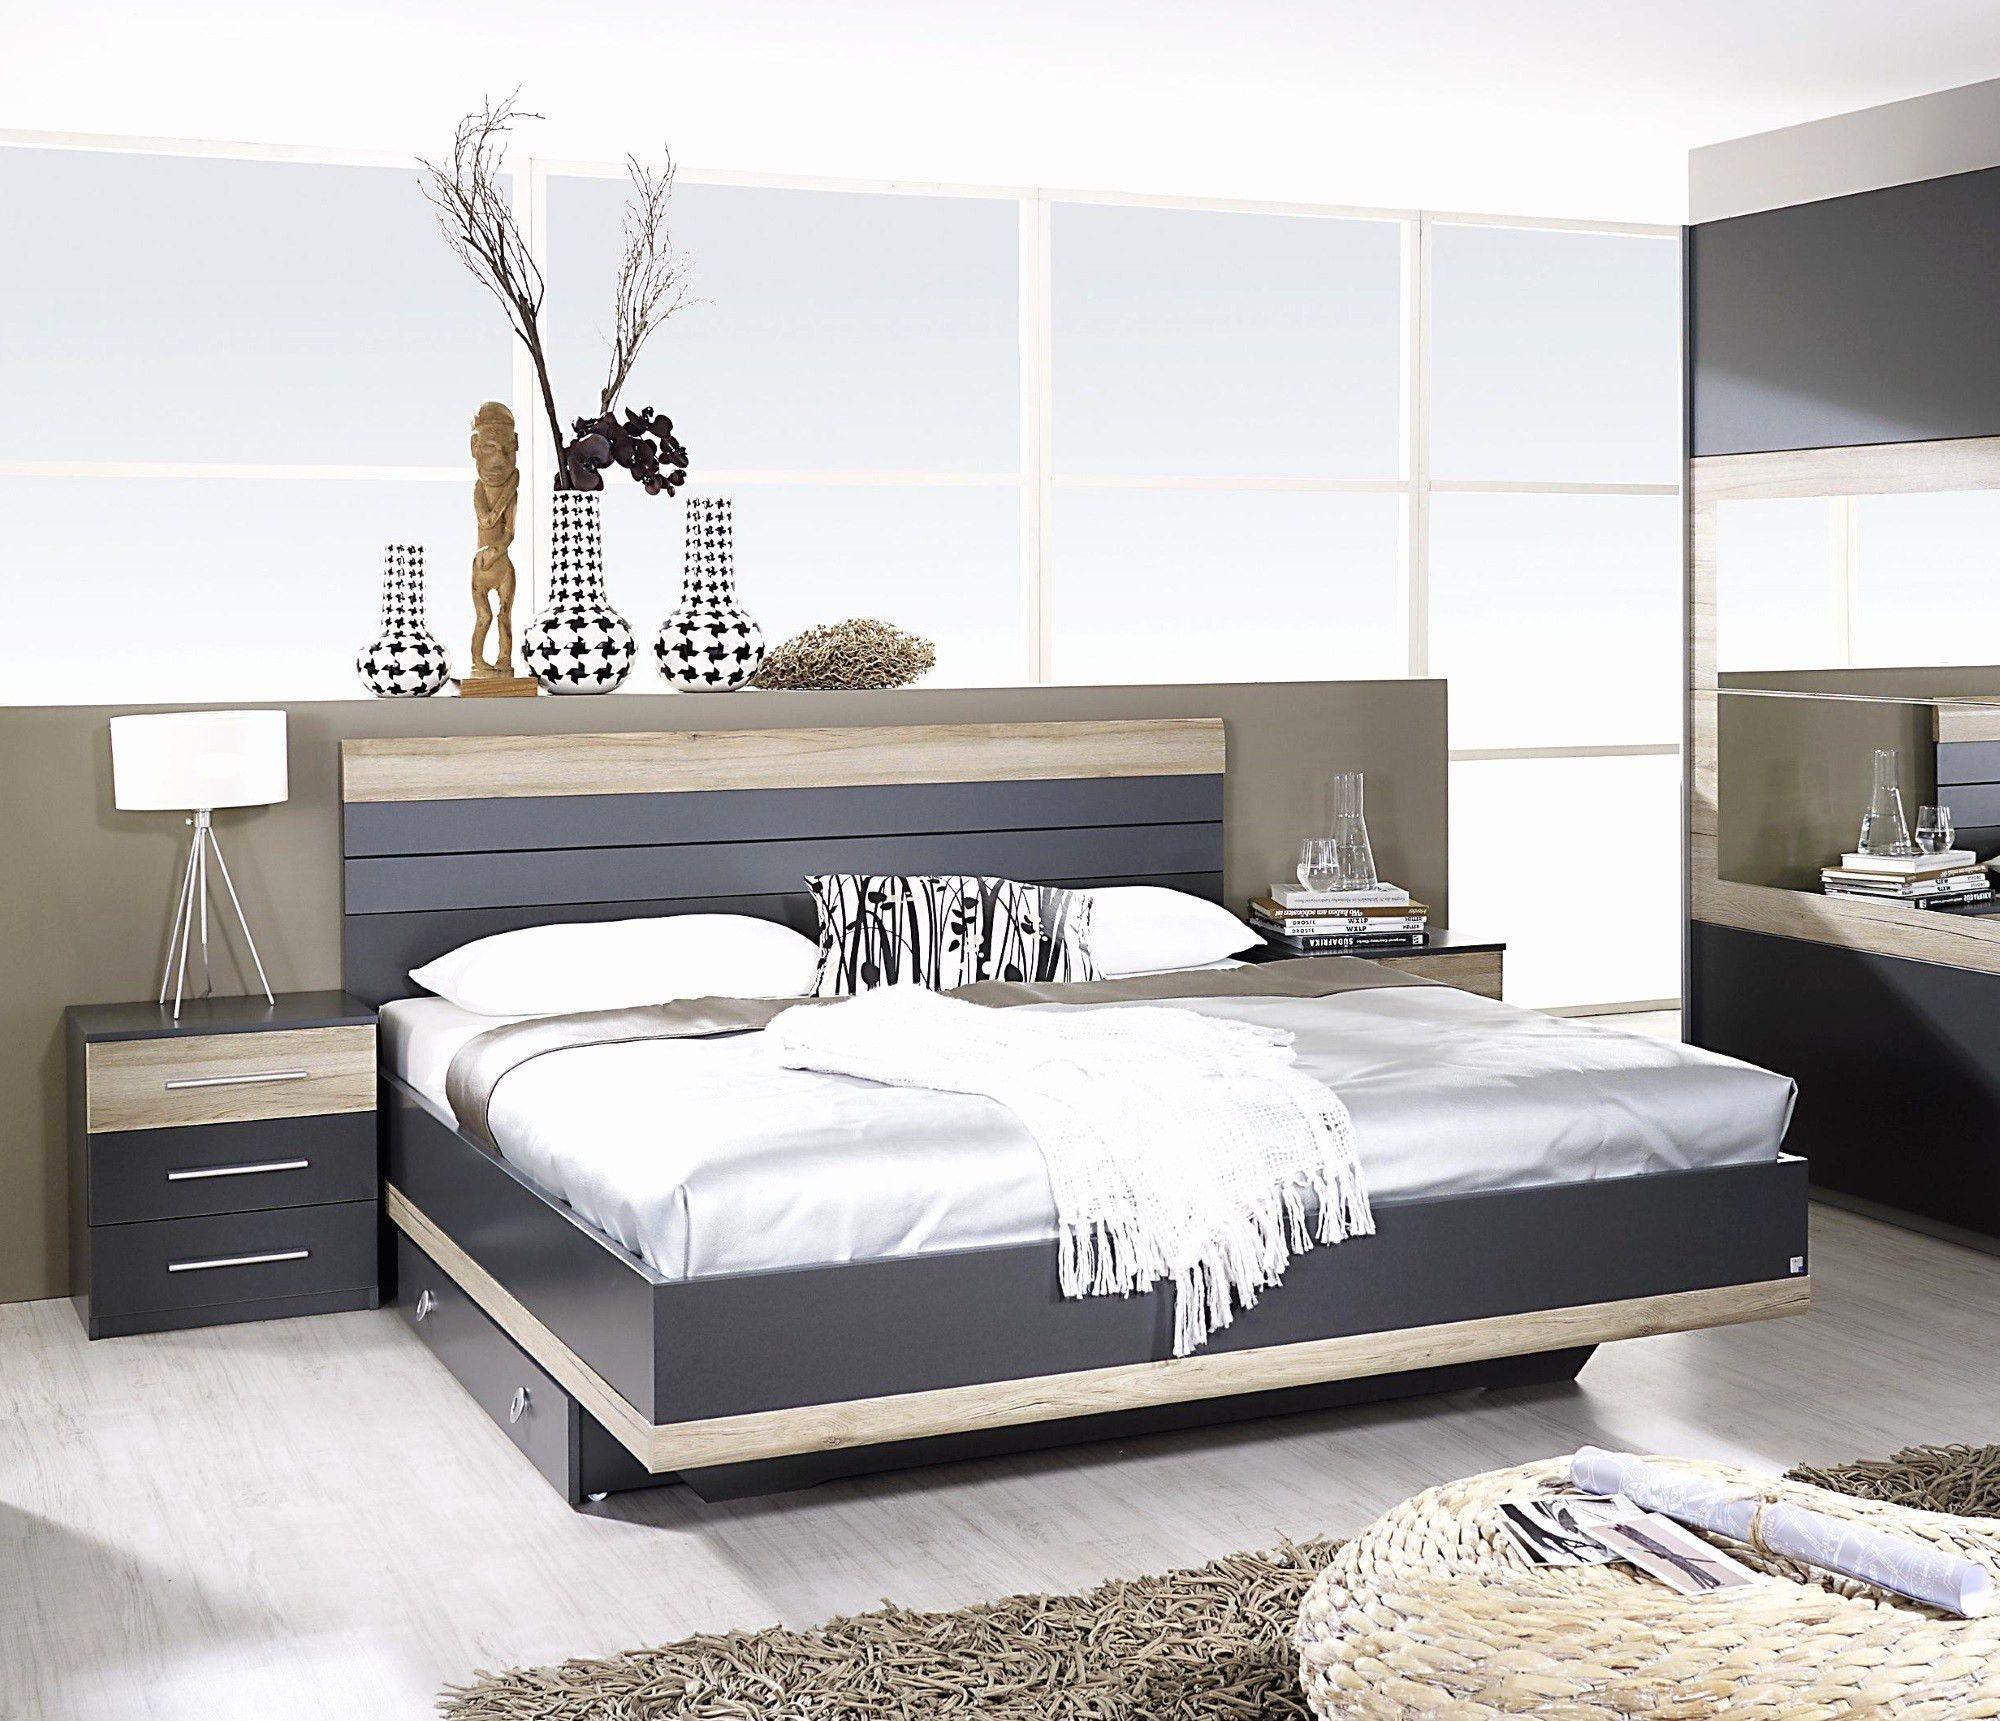 Lit 2 Places Ikea Lit 2 Places Dimensions Lit 2 Places Conforama Lit 2 Places Pas Cher Lit 2 Places Pas Cher Avec Sommier Et M In 2020 Home Decor Home N Decor Home